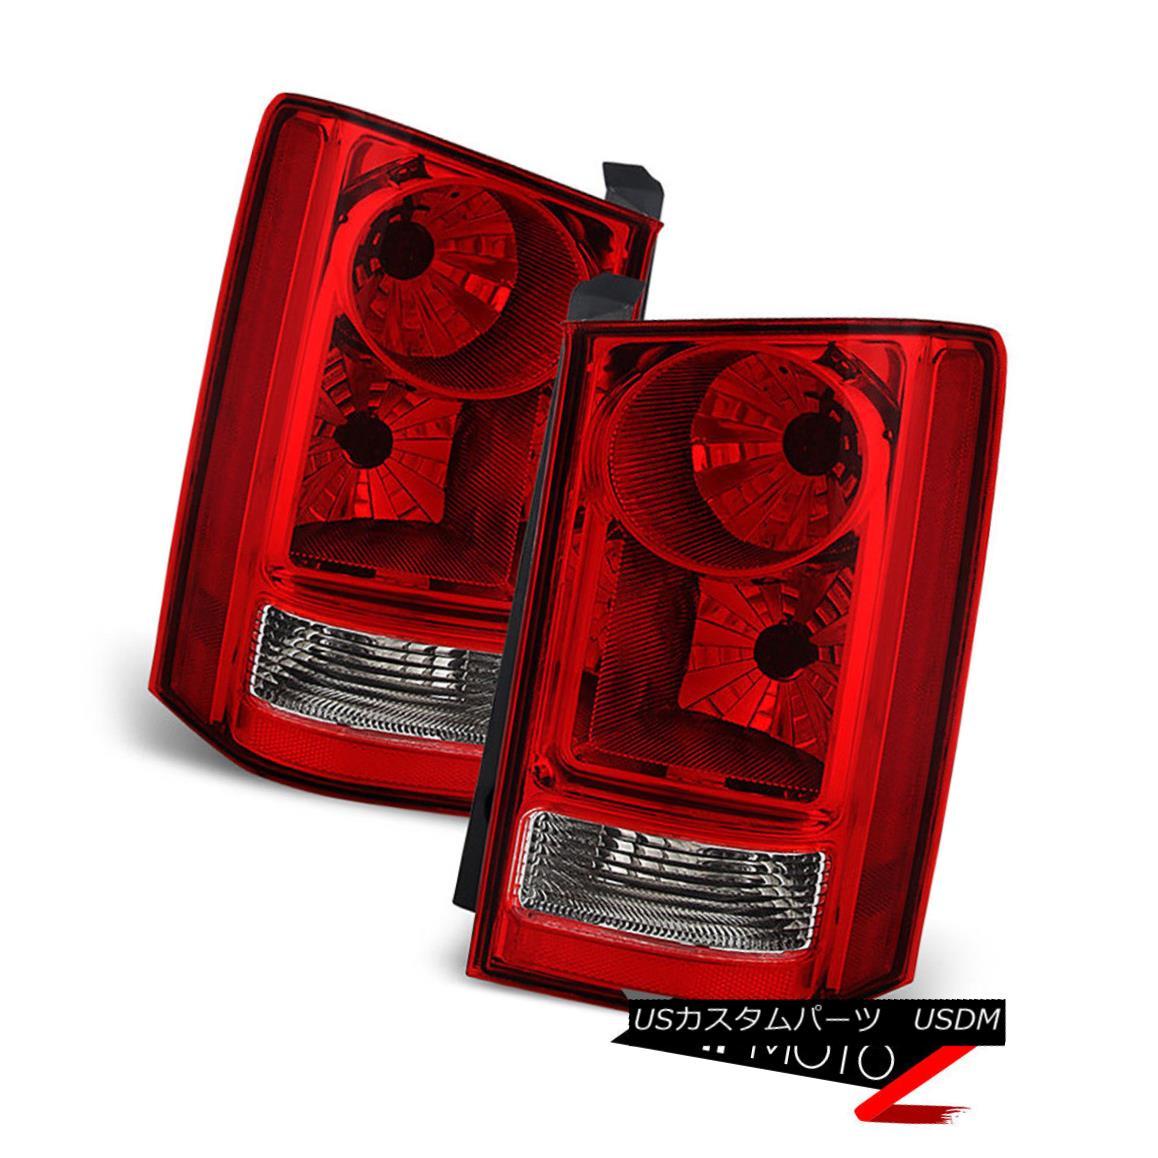 テールライト 2009-2015 Honda Pilot 2009-2015 [FACTORY Tail REPLACEMENT] LEFT RIGHT 2009-2015 Rear Tail Lights Lamp Set 2009-2015 Hondaパイロット[工場の取り替え]左右の後部テールランプランプセット, GOLFPLUS:0d097e52 --- officewill.xsrv.jp